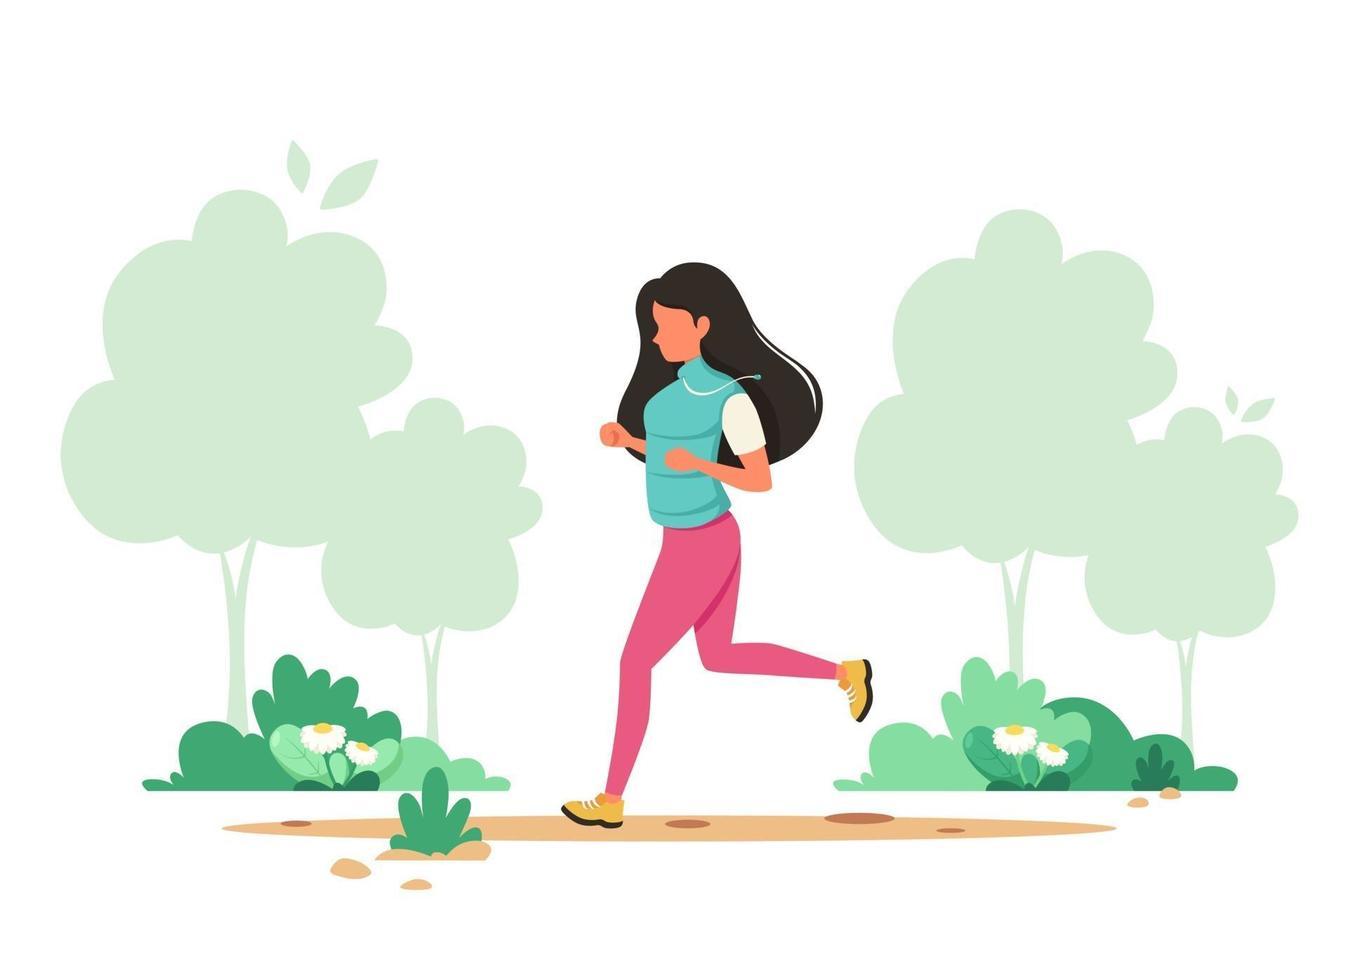 kvinna som joggar i våren parkerar. hälsosam livsstil, sport, utomhusaktivitetskoncept. vektor illustration.